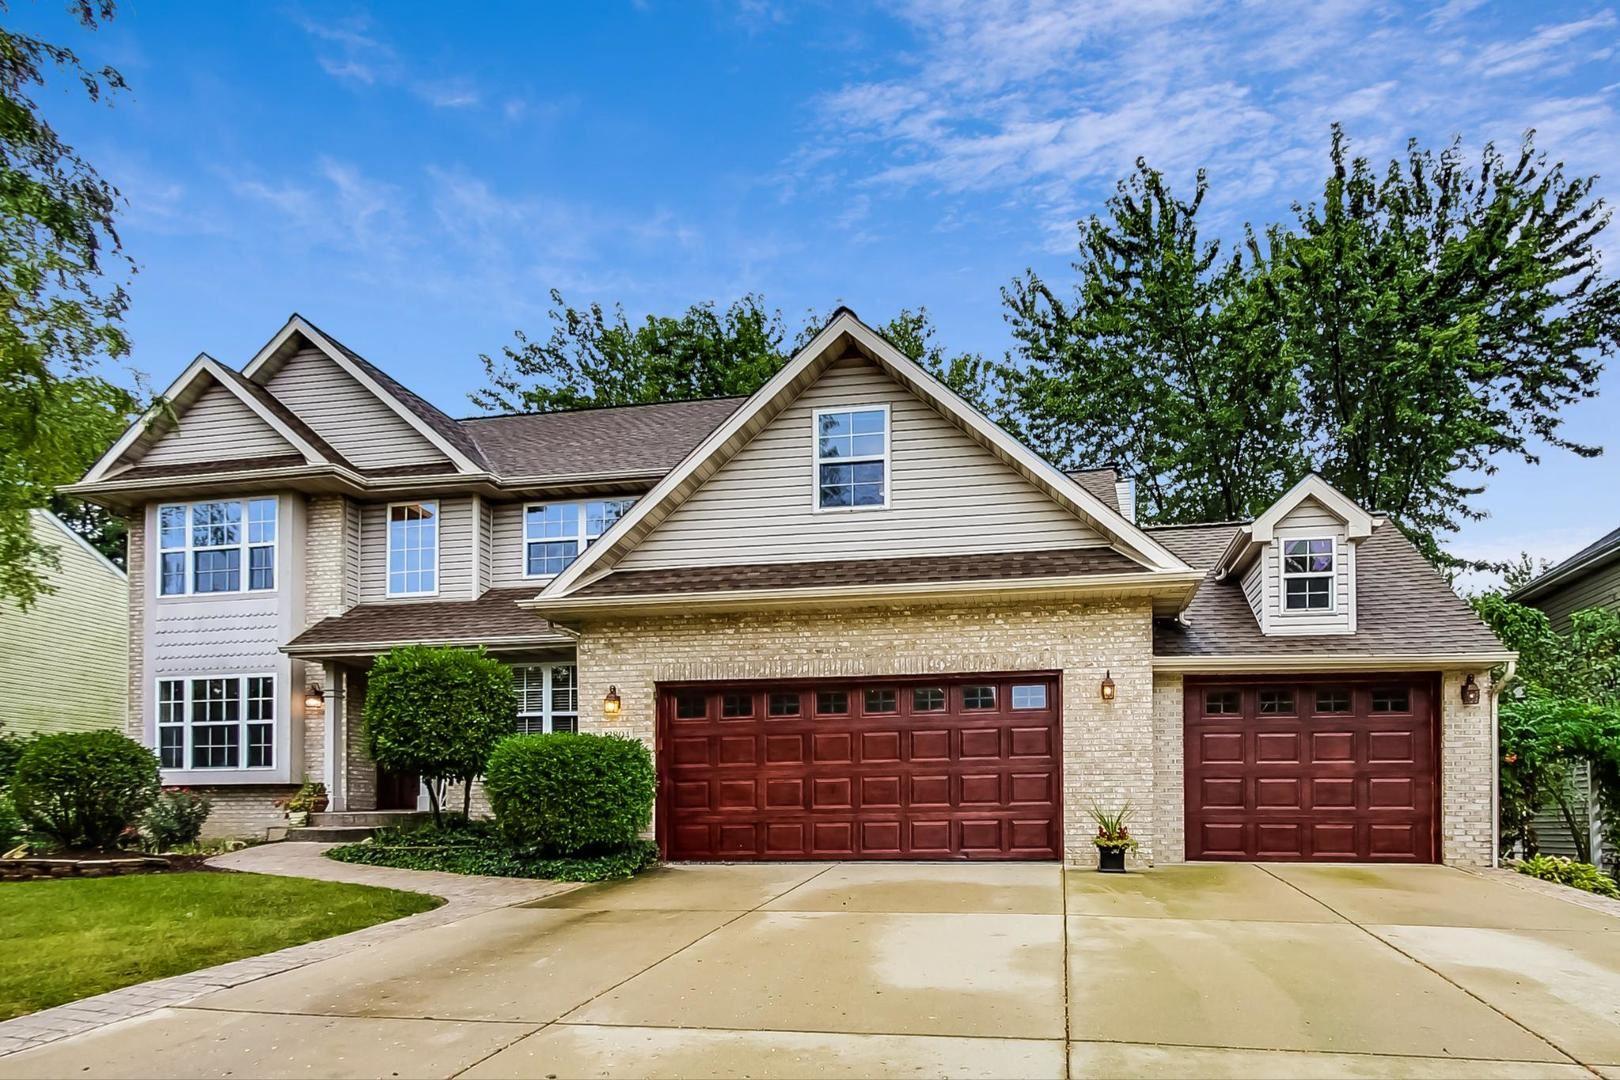 Photo of 13804 Capista Drive, Plainfield, IL 60544 (MLS # 10863019)